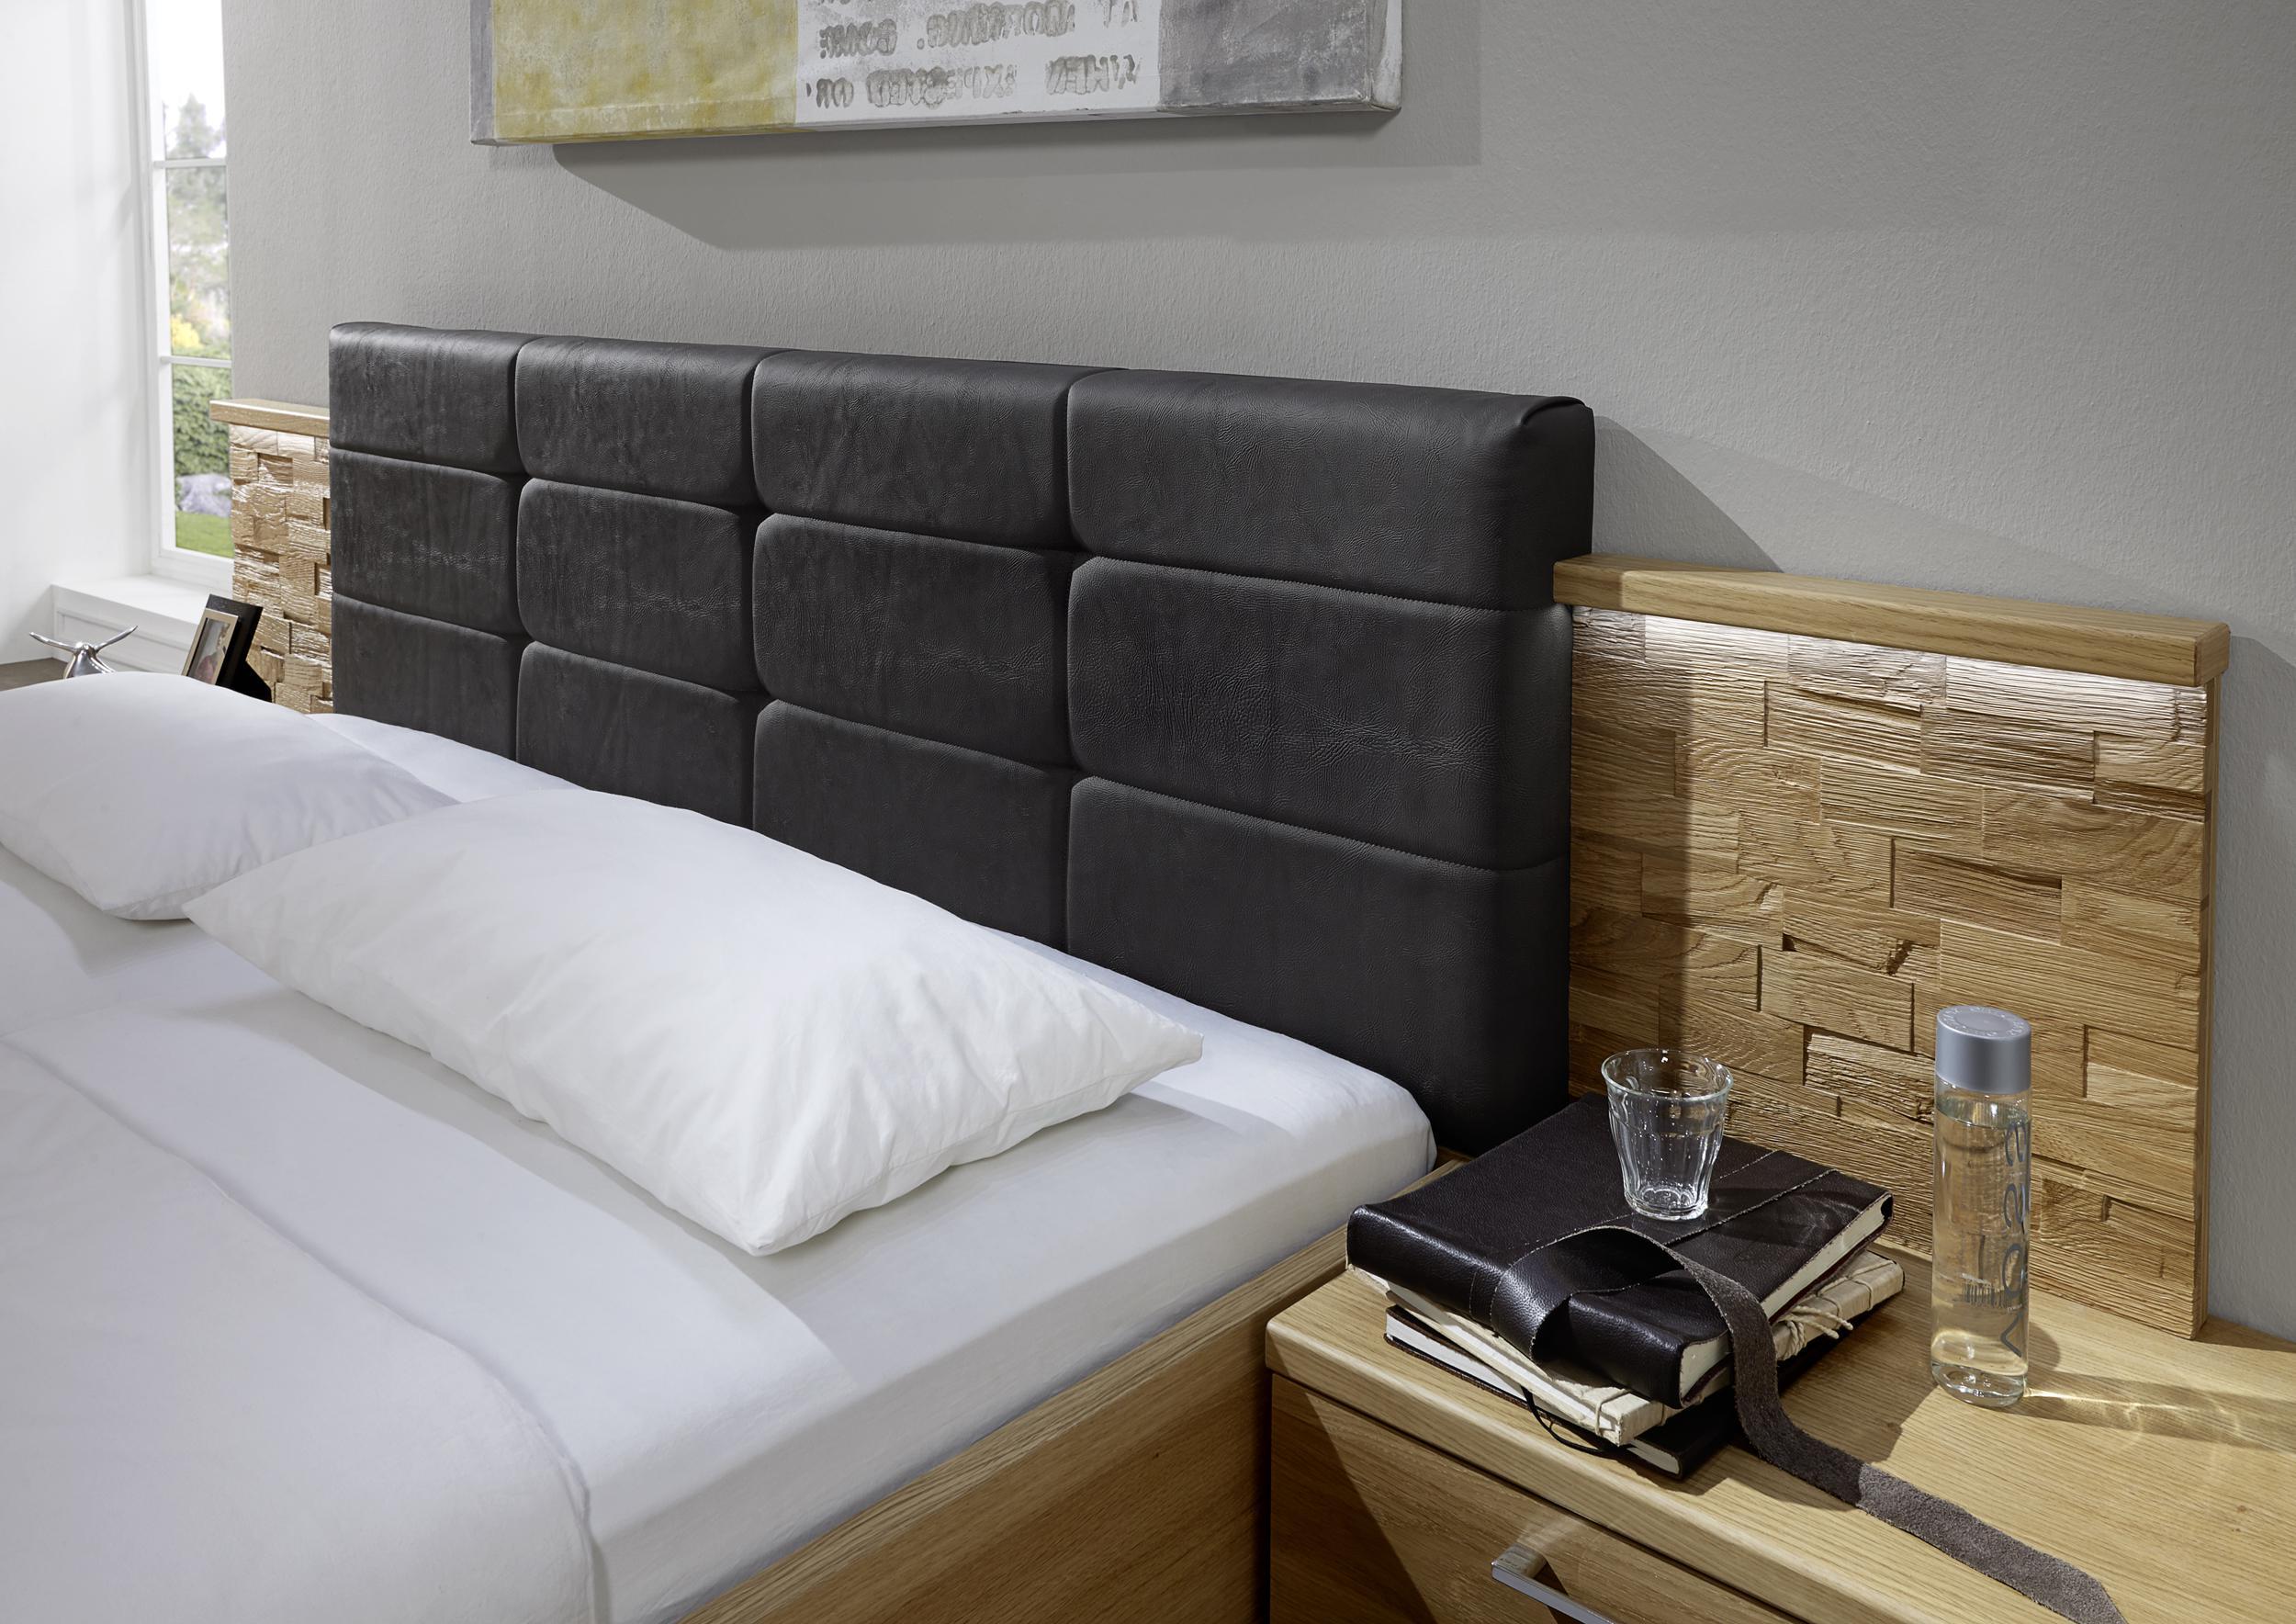 Disselkamp – Schlafträume von Disselkamp | Cesan